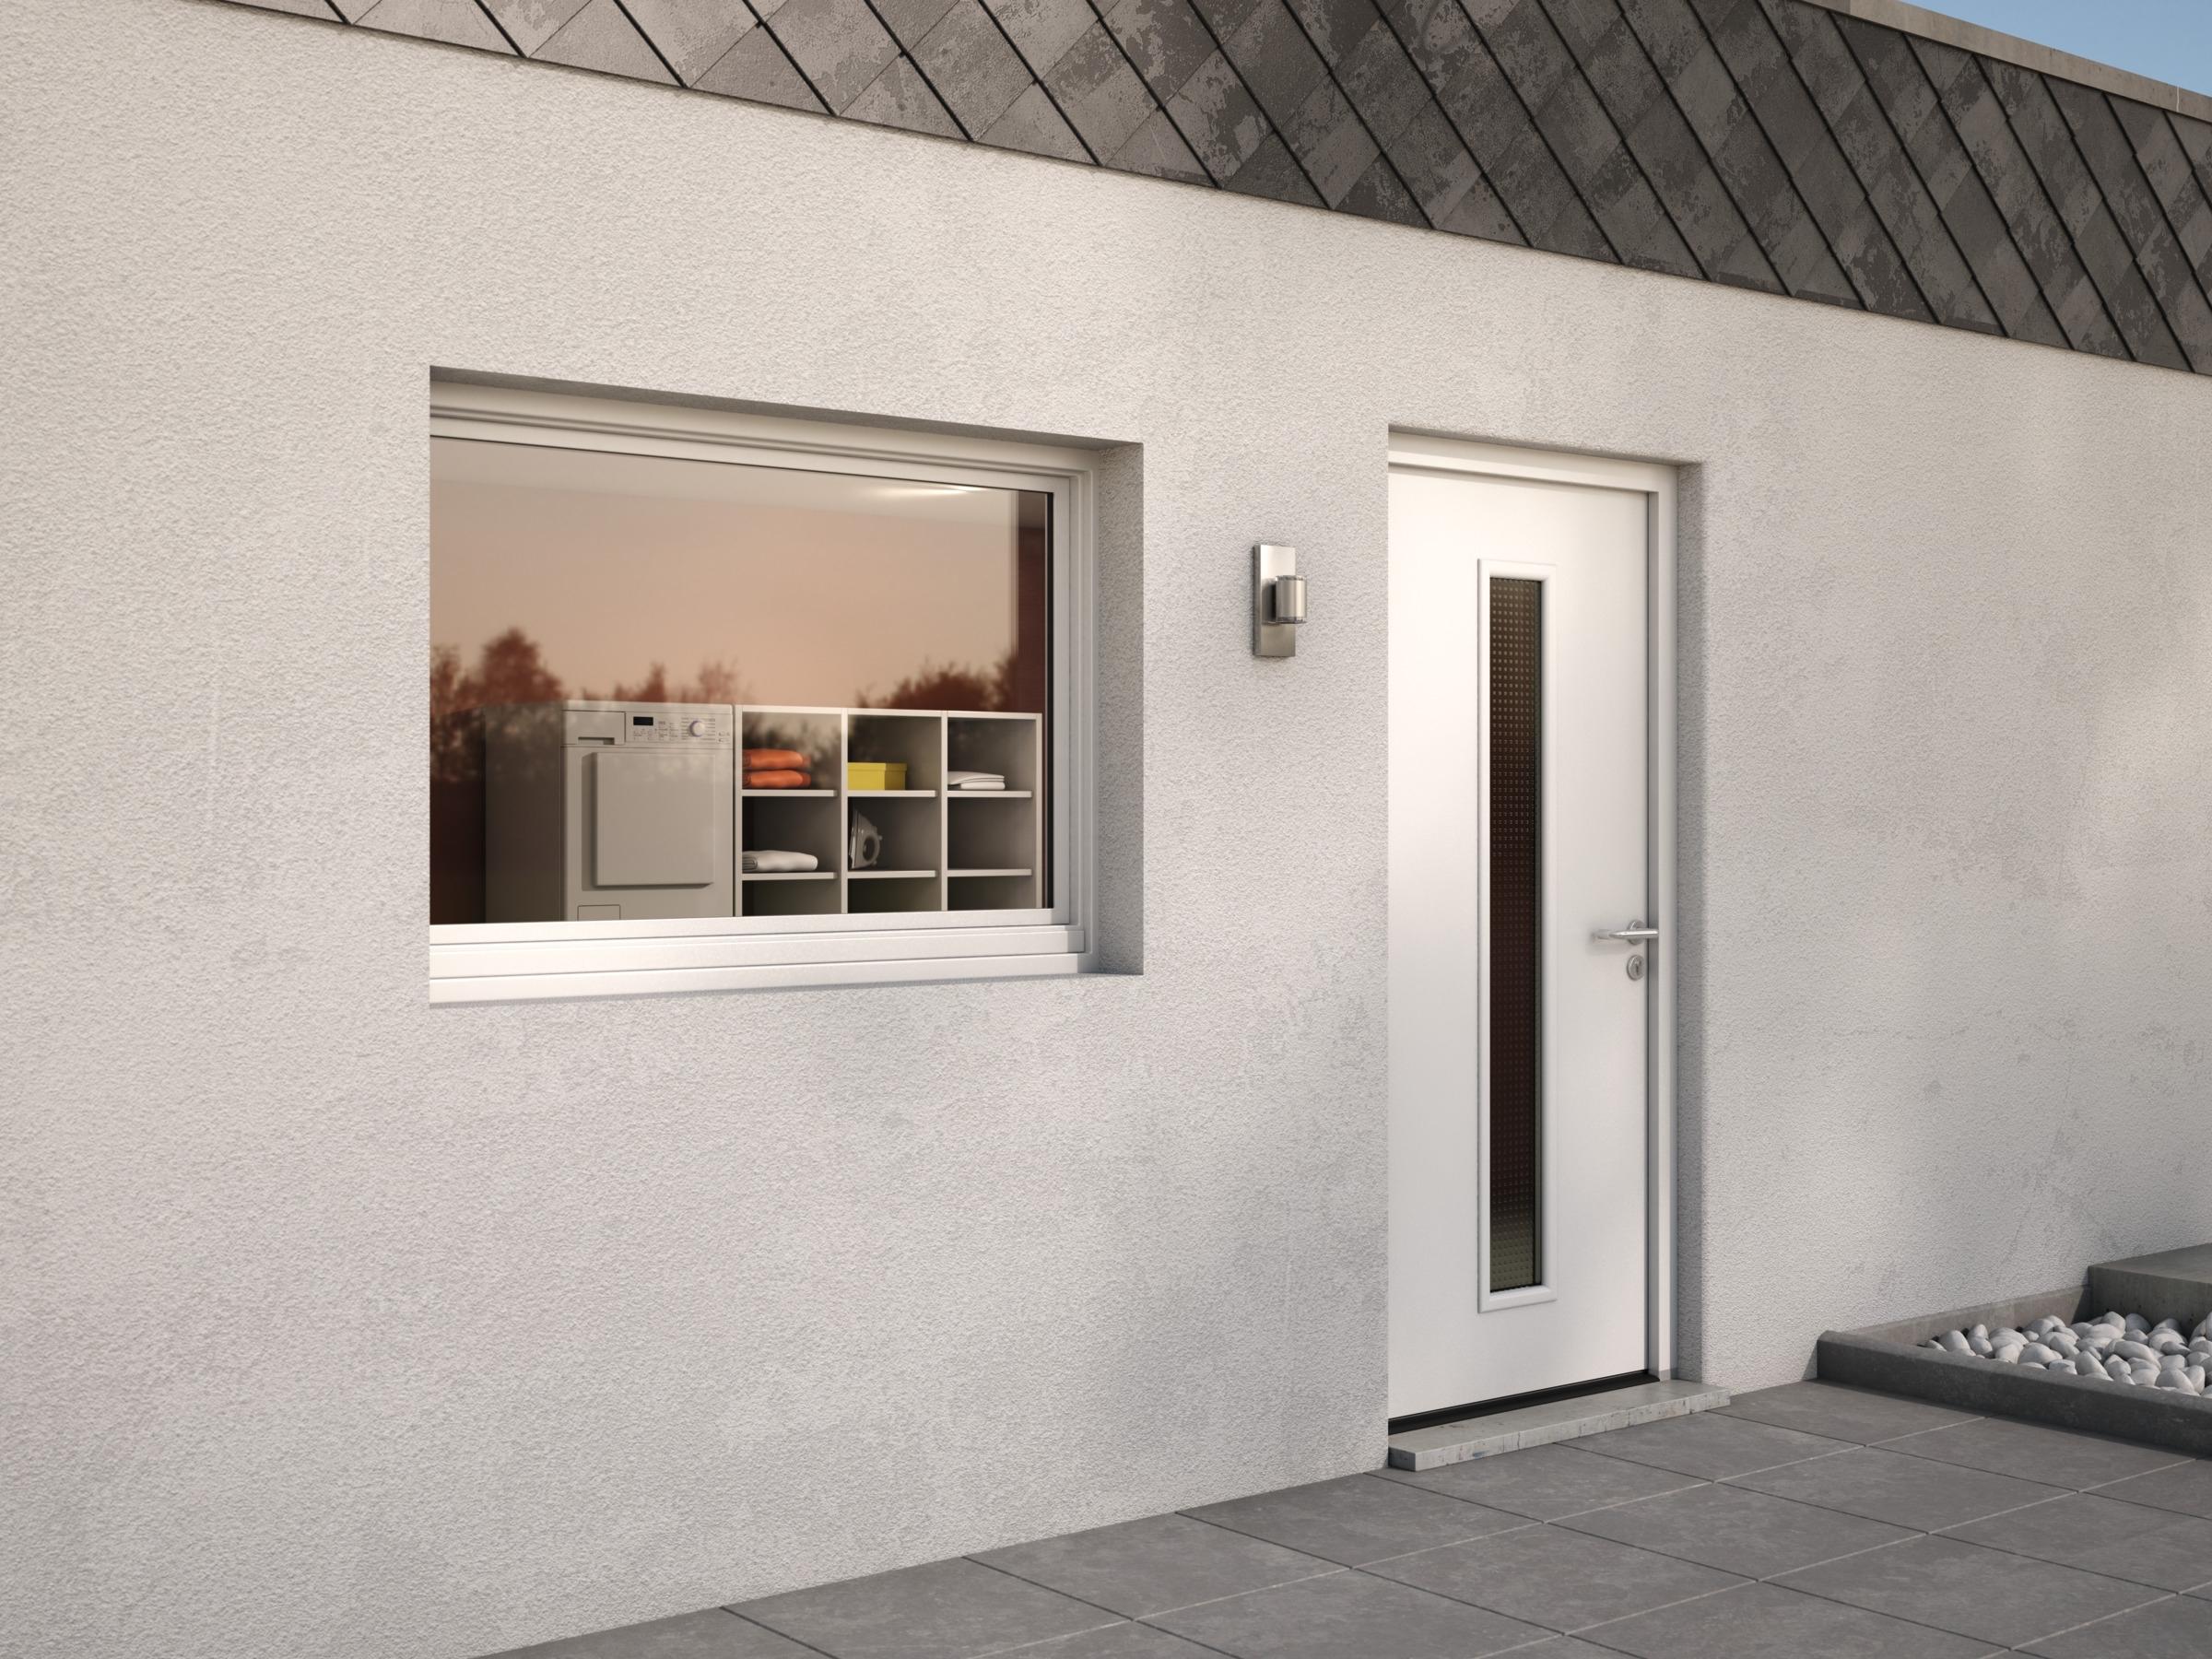 komplettset mehrzweckau ent r thermo46 motiv tps 021a inkl. Black Bedroom Furniture Sets. Home Design Ideas